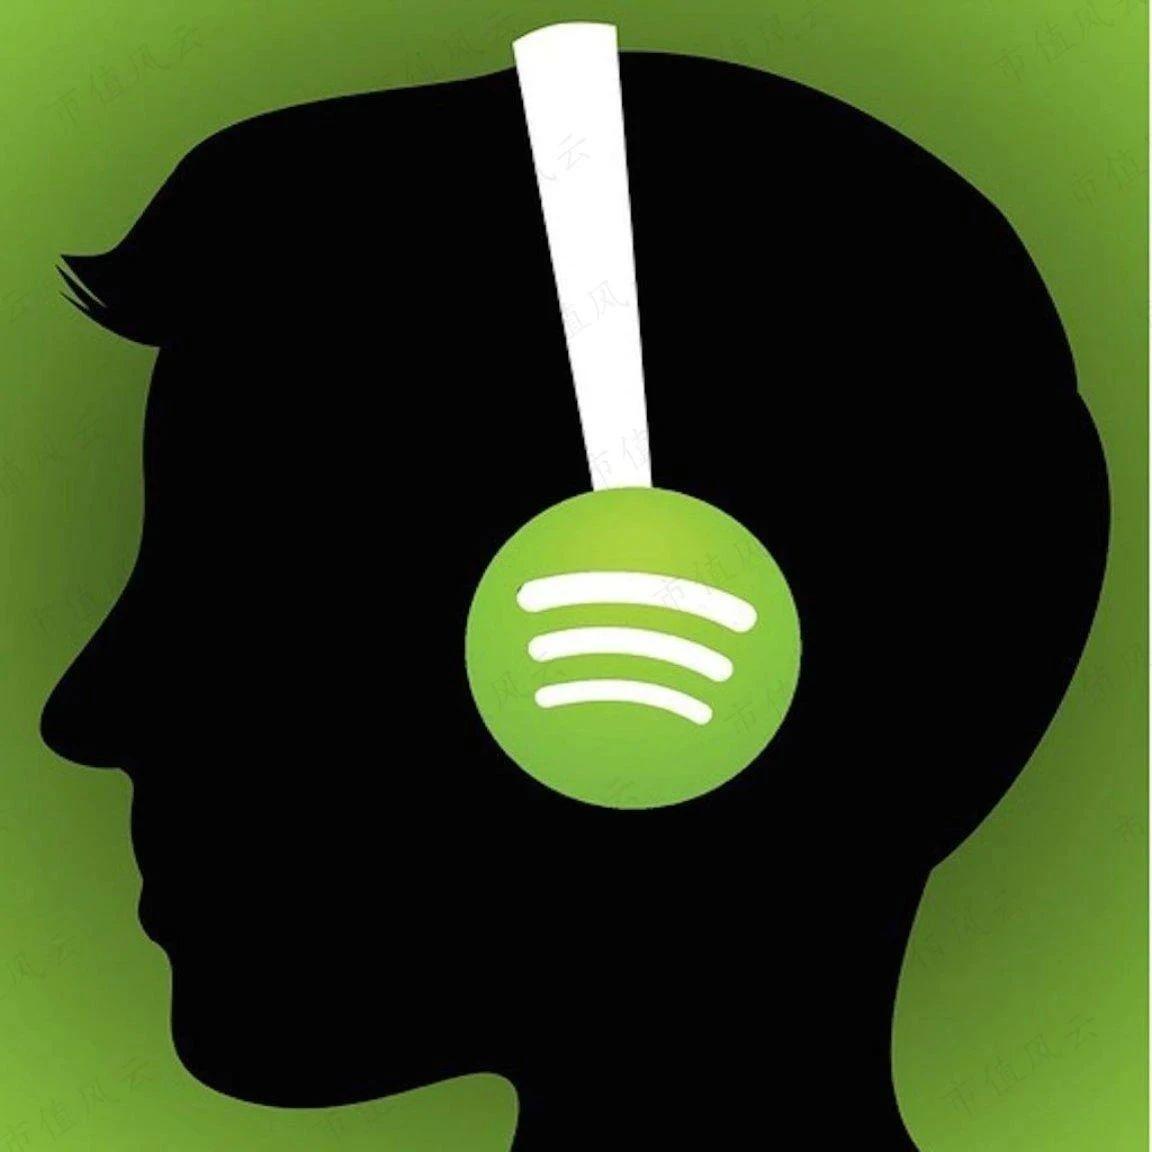 """""""用户付费模式""""进入死胡同?做到最大也枉然: Spotify,欧美最大在线音乐平台的坎坷盈利路"""